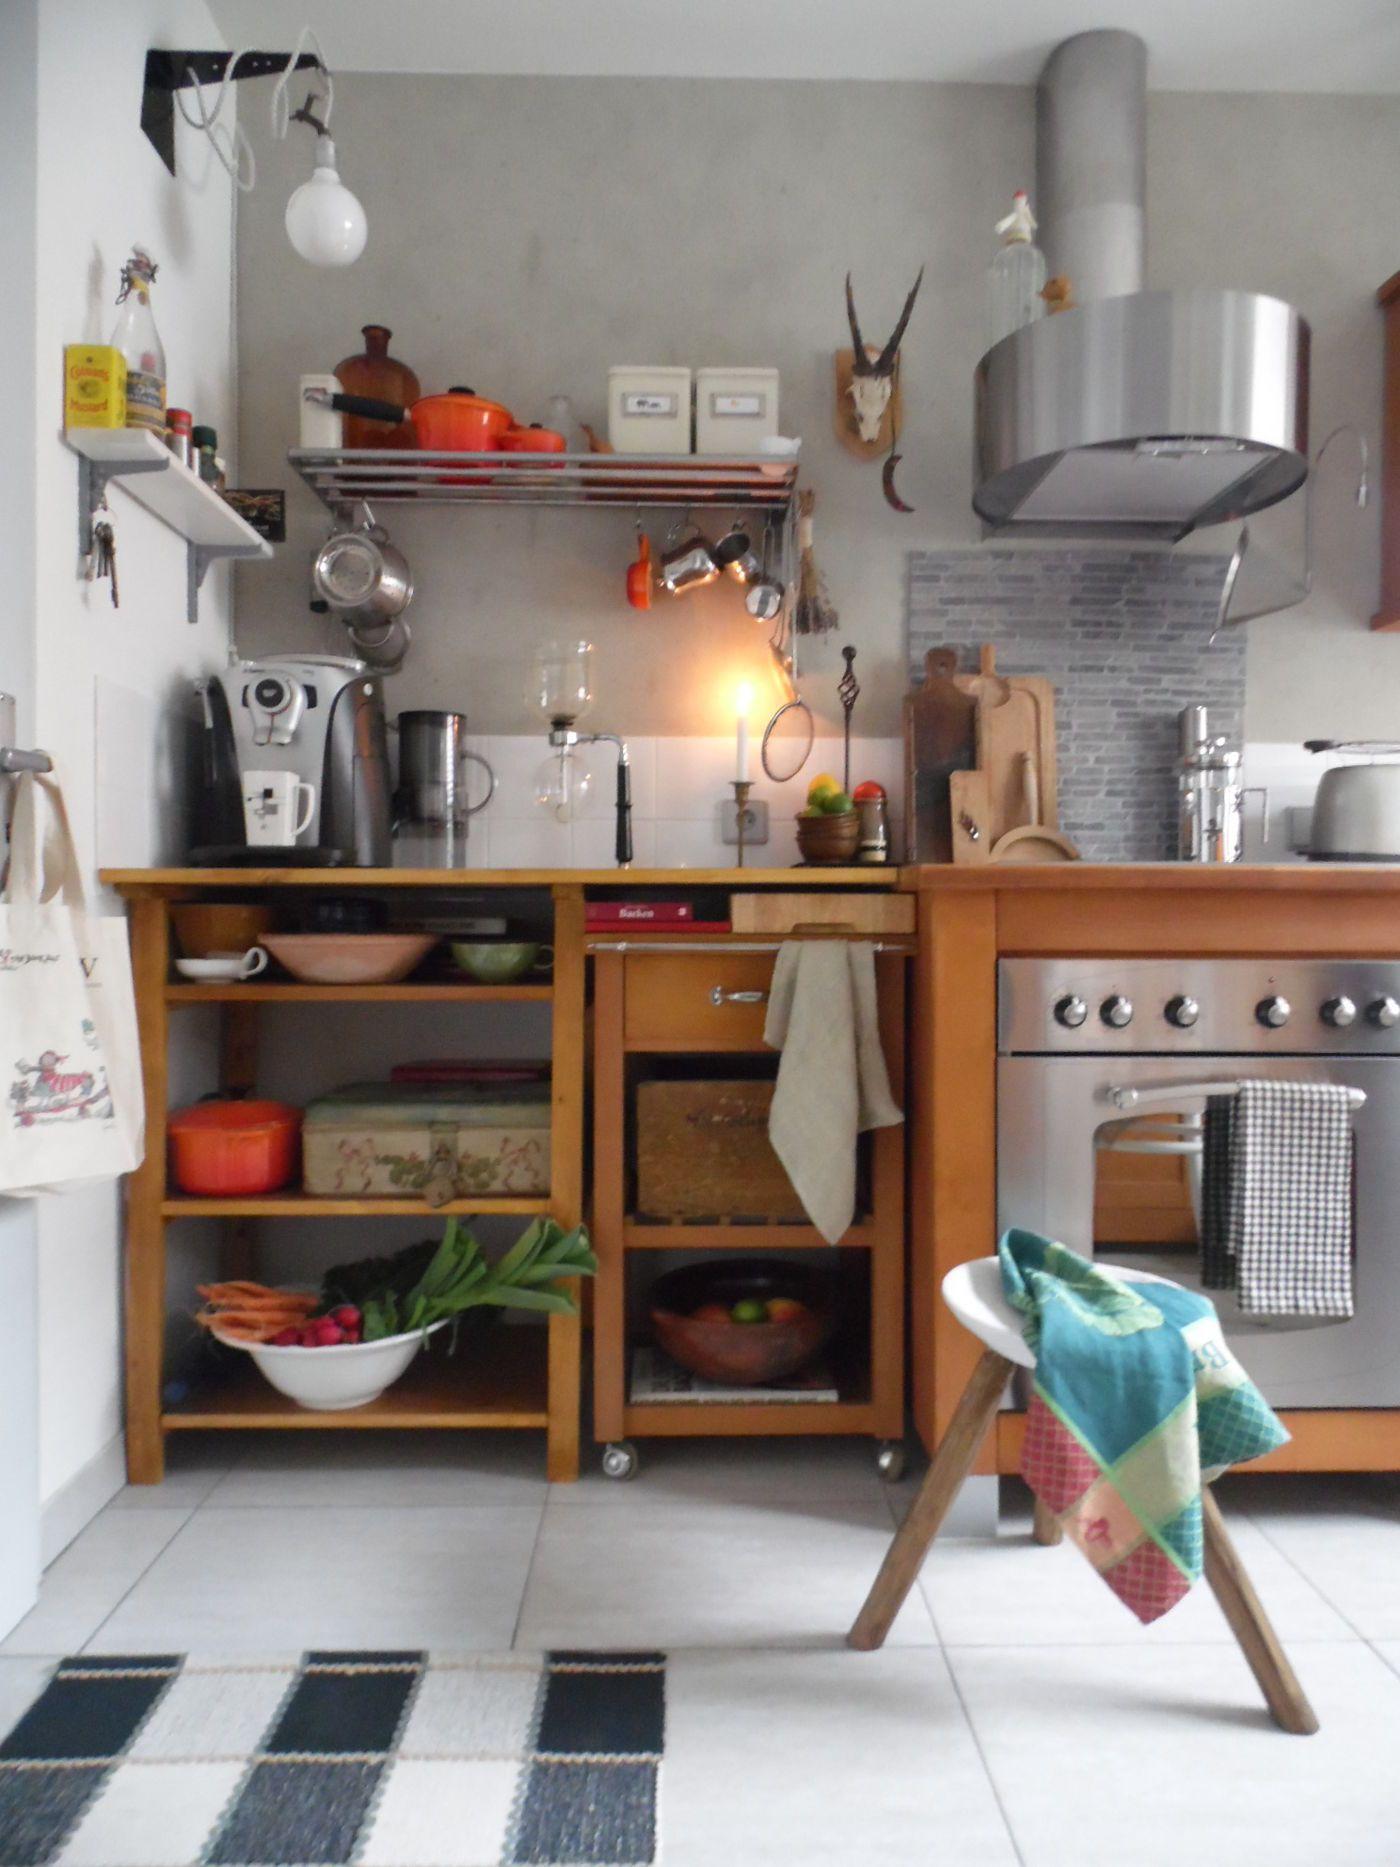 Full Size of Küche Türkis Landhaus Einbauküche Ohne Kühlschrank Handtuchhalter Unterschränke Sofa Geräte Wasserhähne Vinylboden Stengel Miniküche Industriedesign Wohnzimmer Küche Türkis Landhaus